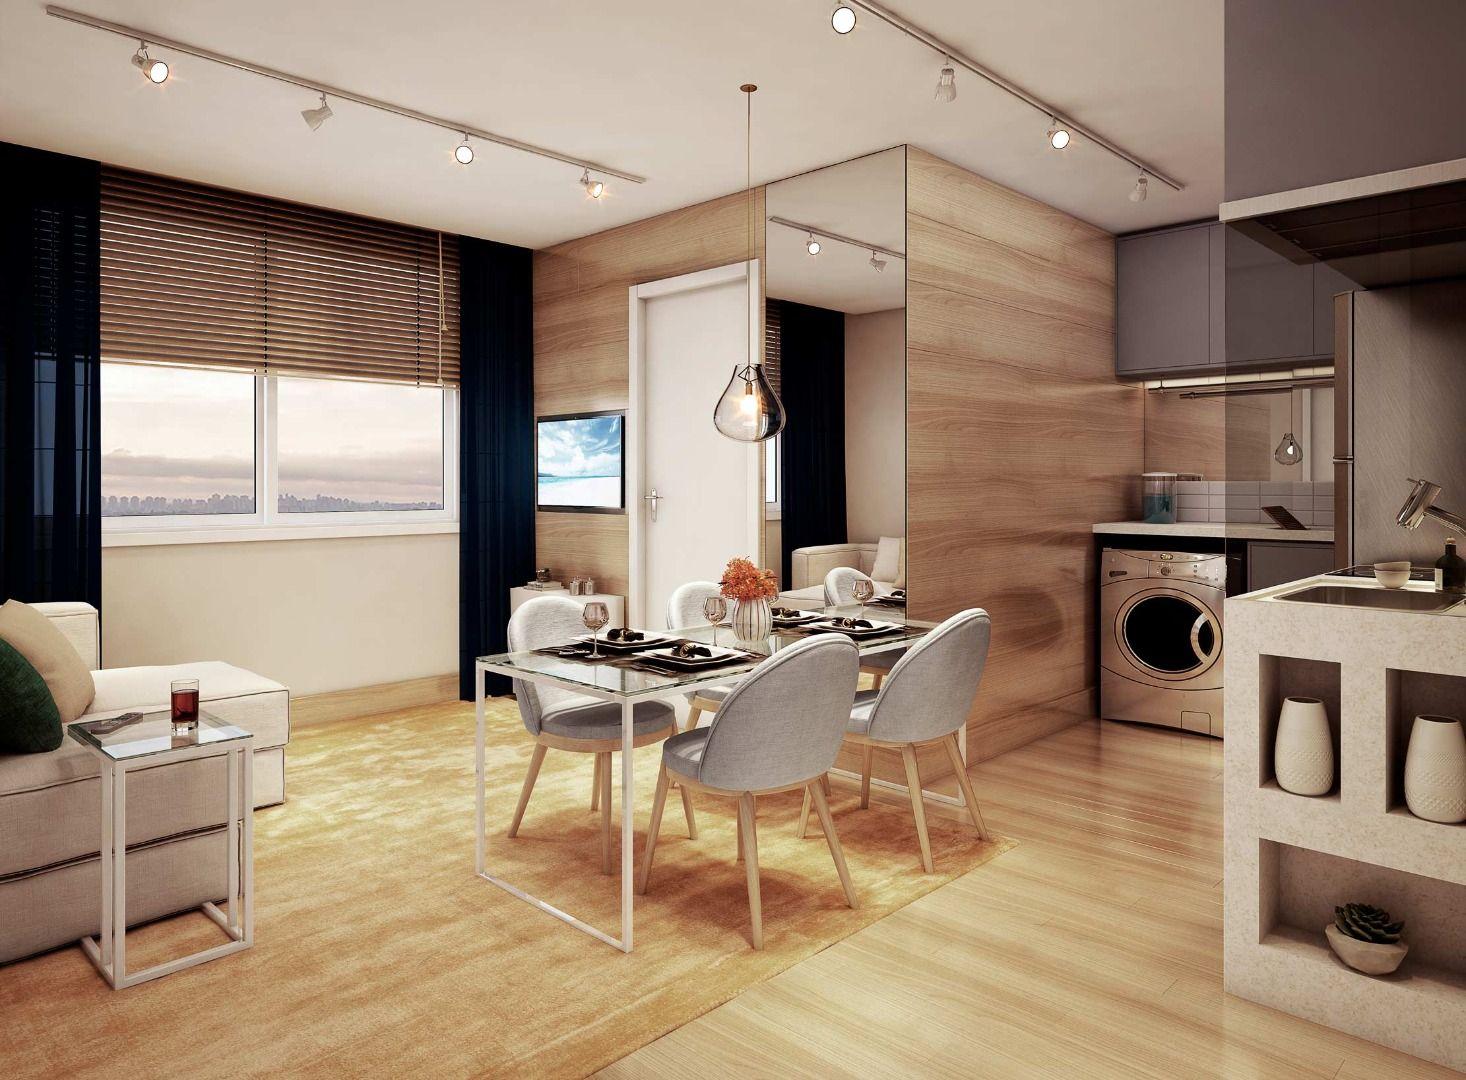 SALA do apto de 34 m².